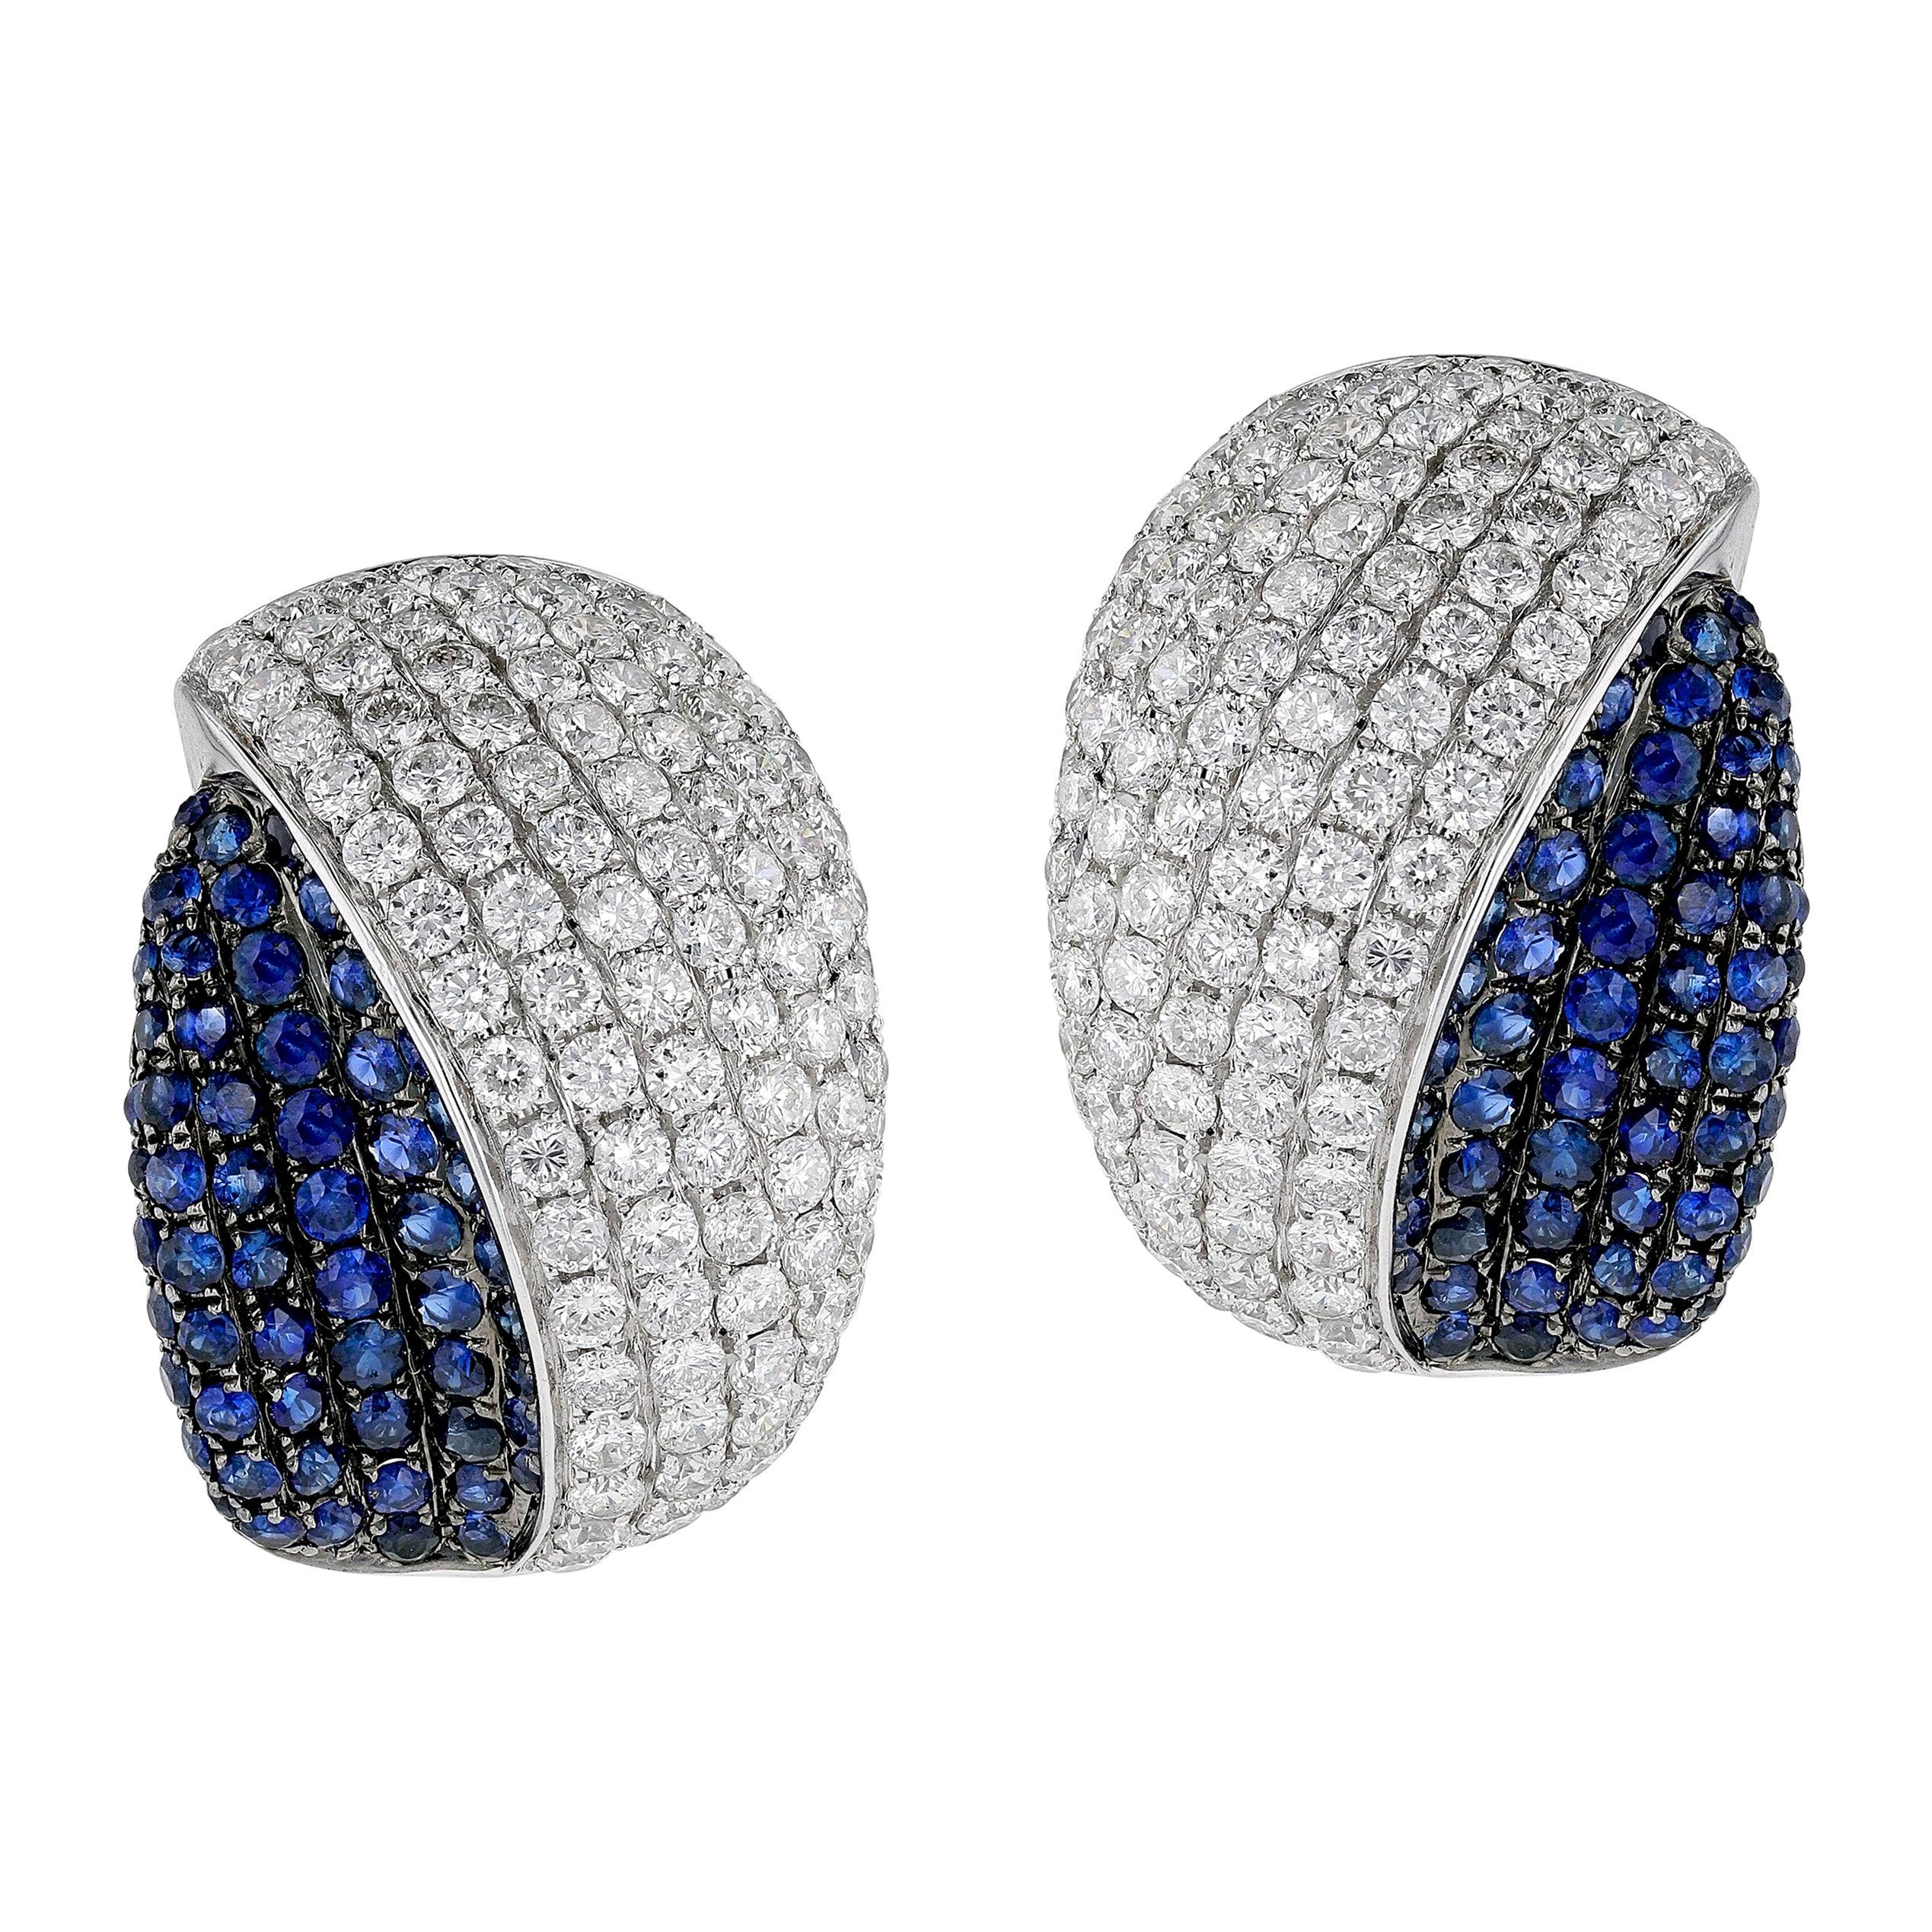 Amwaj Jewelry Blue Sapphire Earrings in 18 Karat Gold